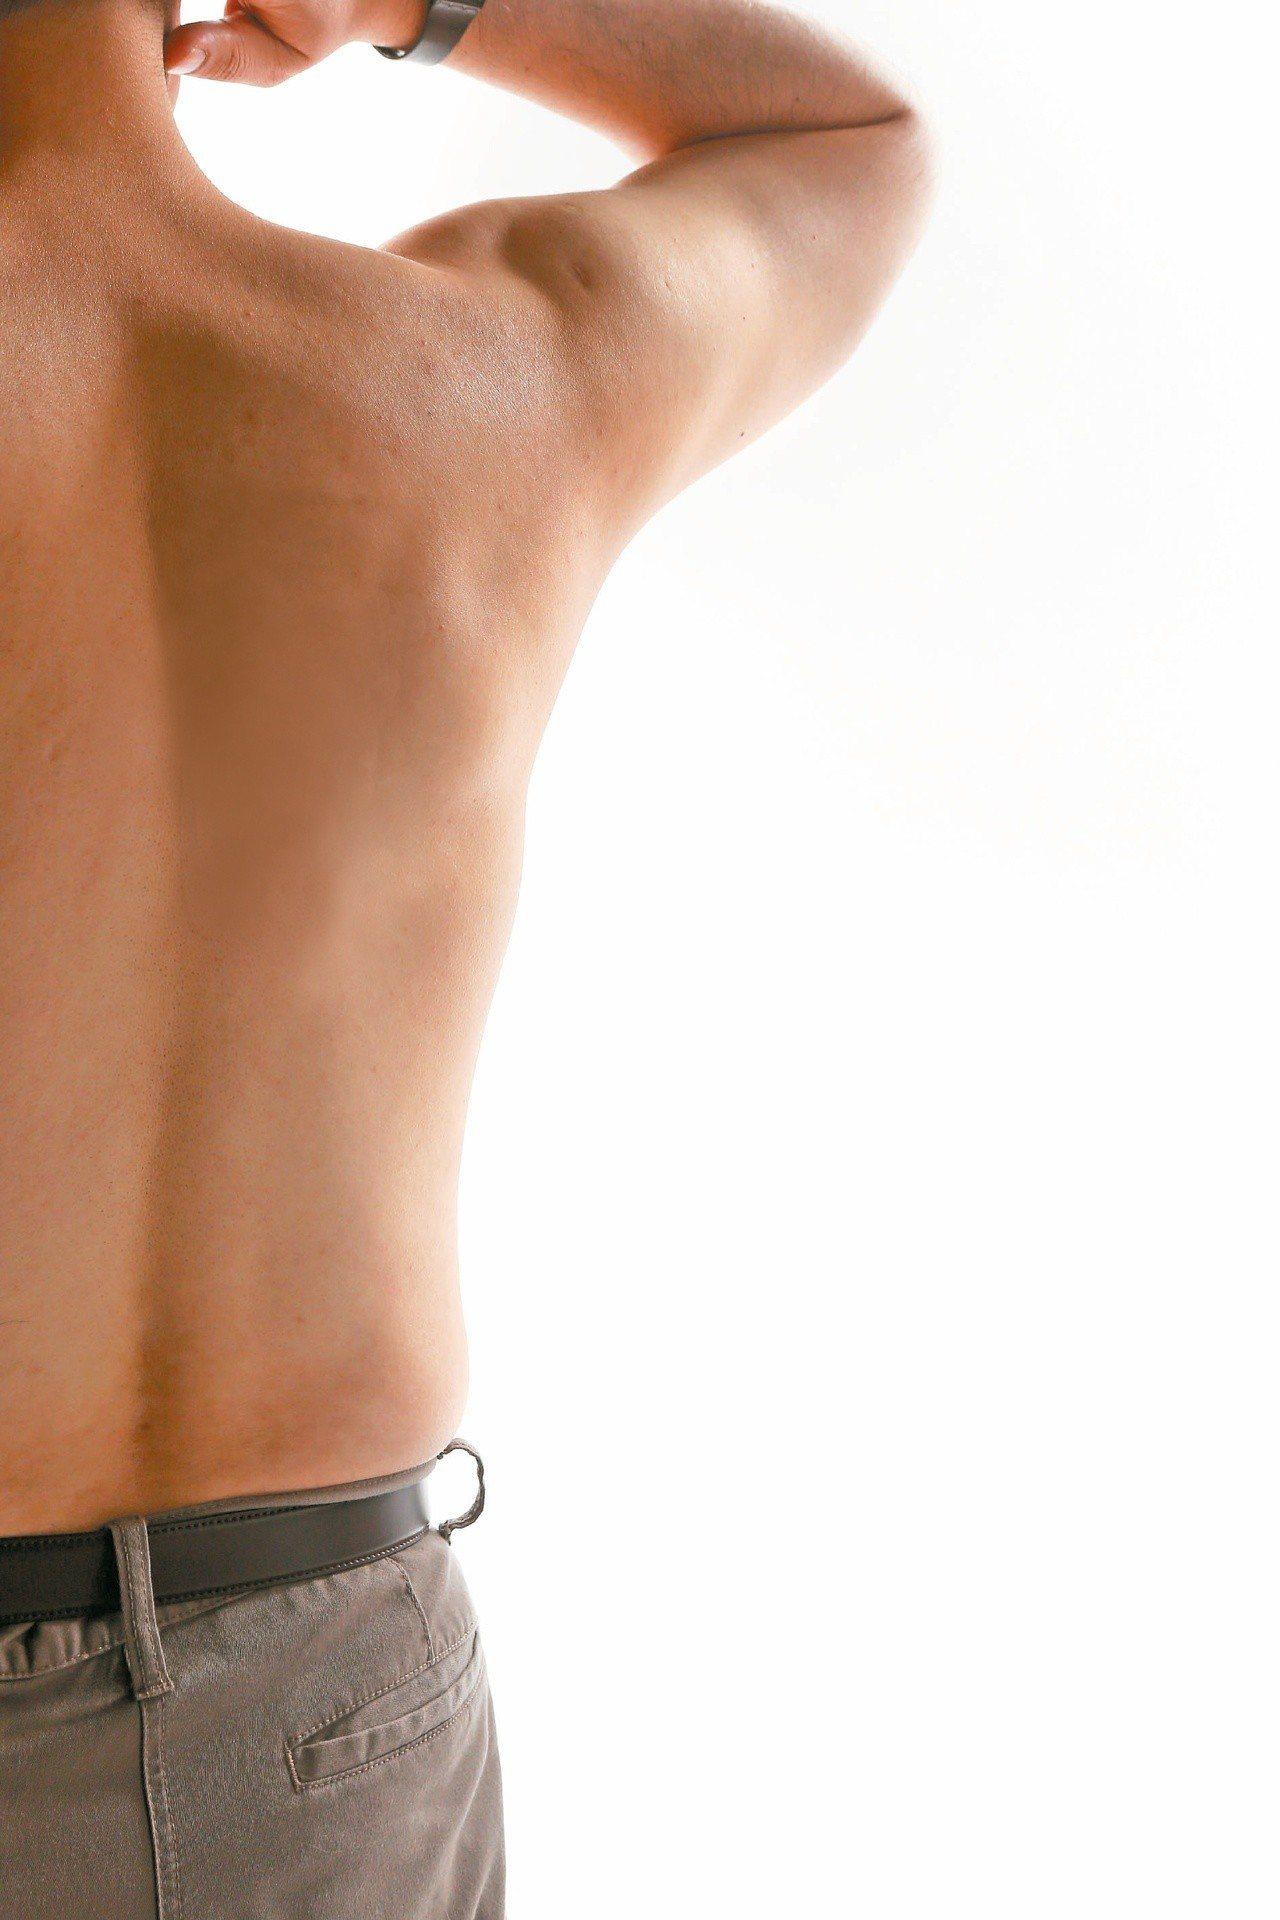 「肩膀痛不一定是五十肩,五十肩一定會肩膀痛。」五十肩在復健科領域正確名稱為「沾黏...